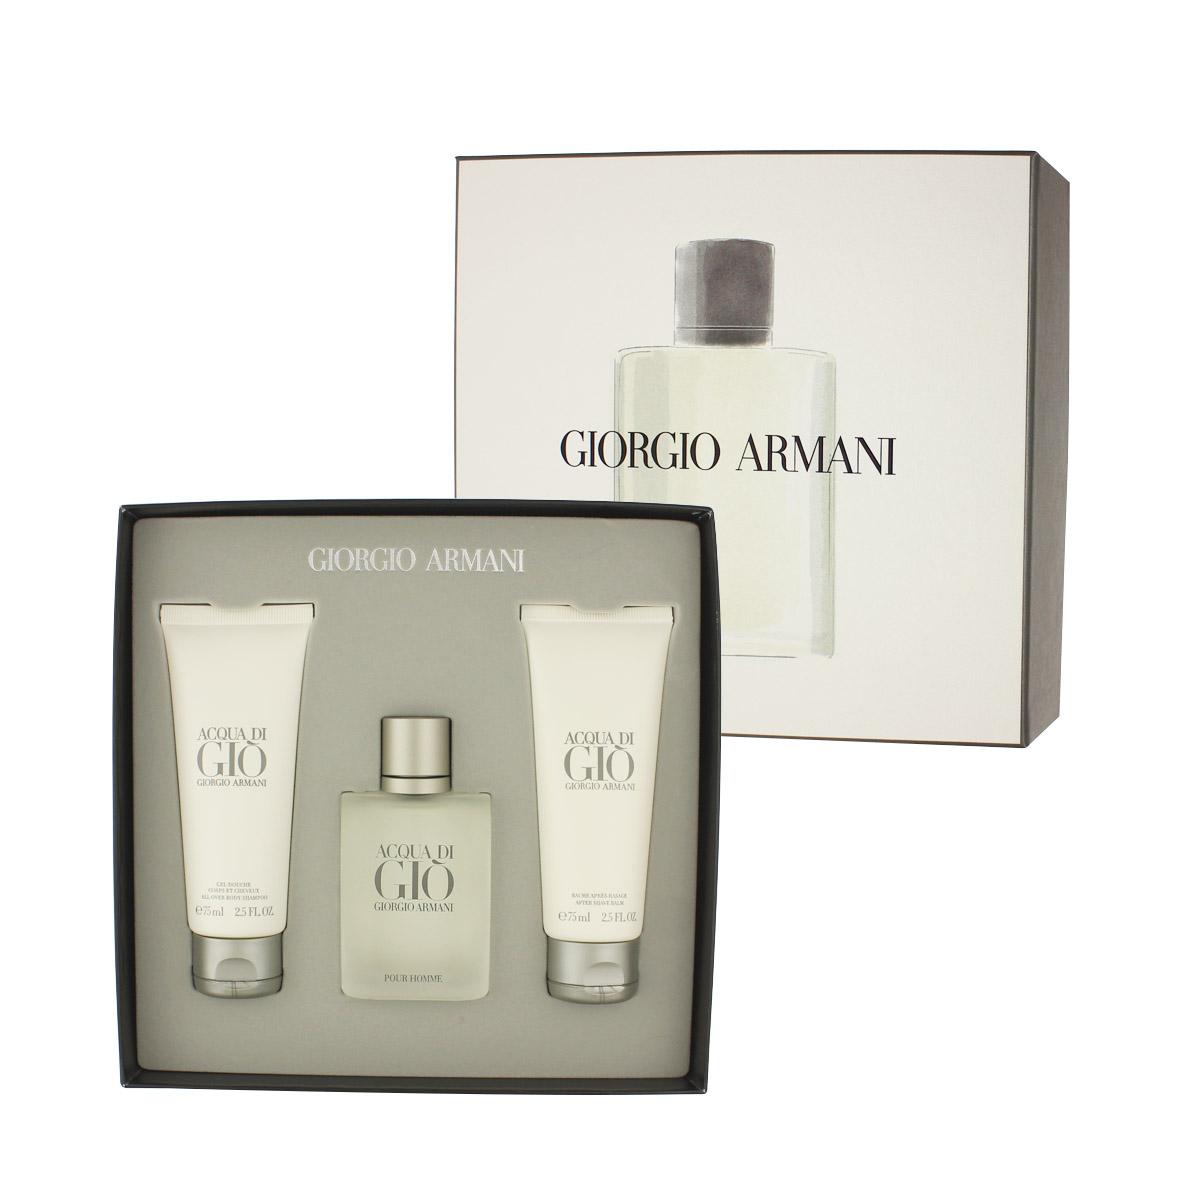 Armani Giorgio Acqua di Gio Pour Homme EDT 50 ml + ASB 75 ml + SG 75 ml M